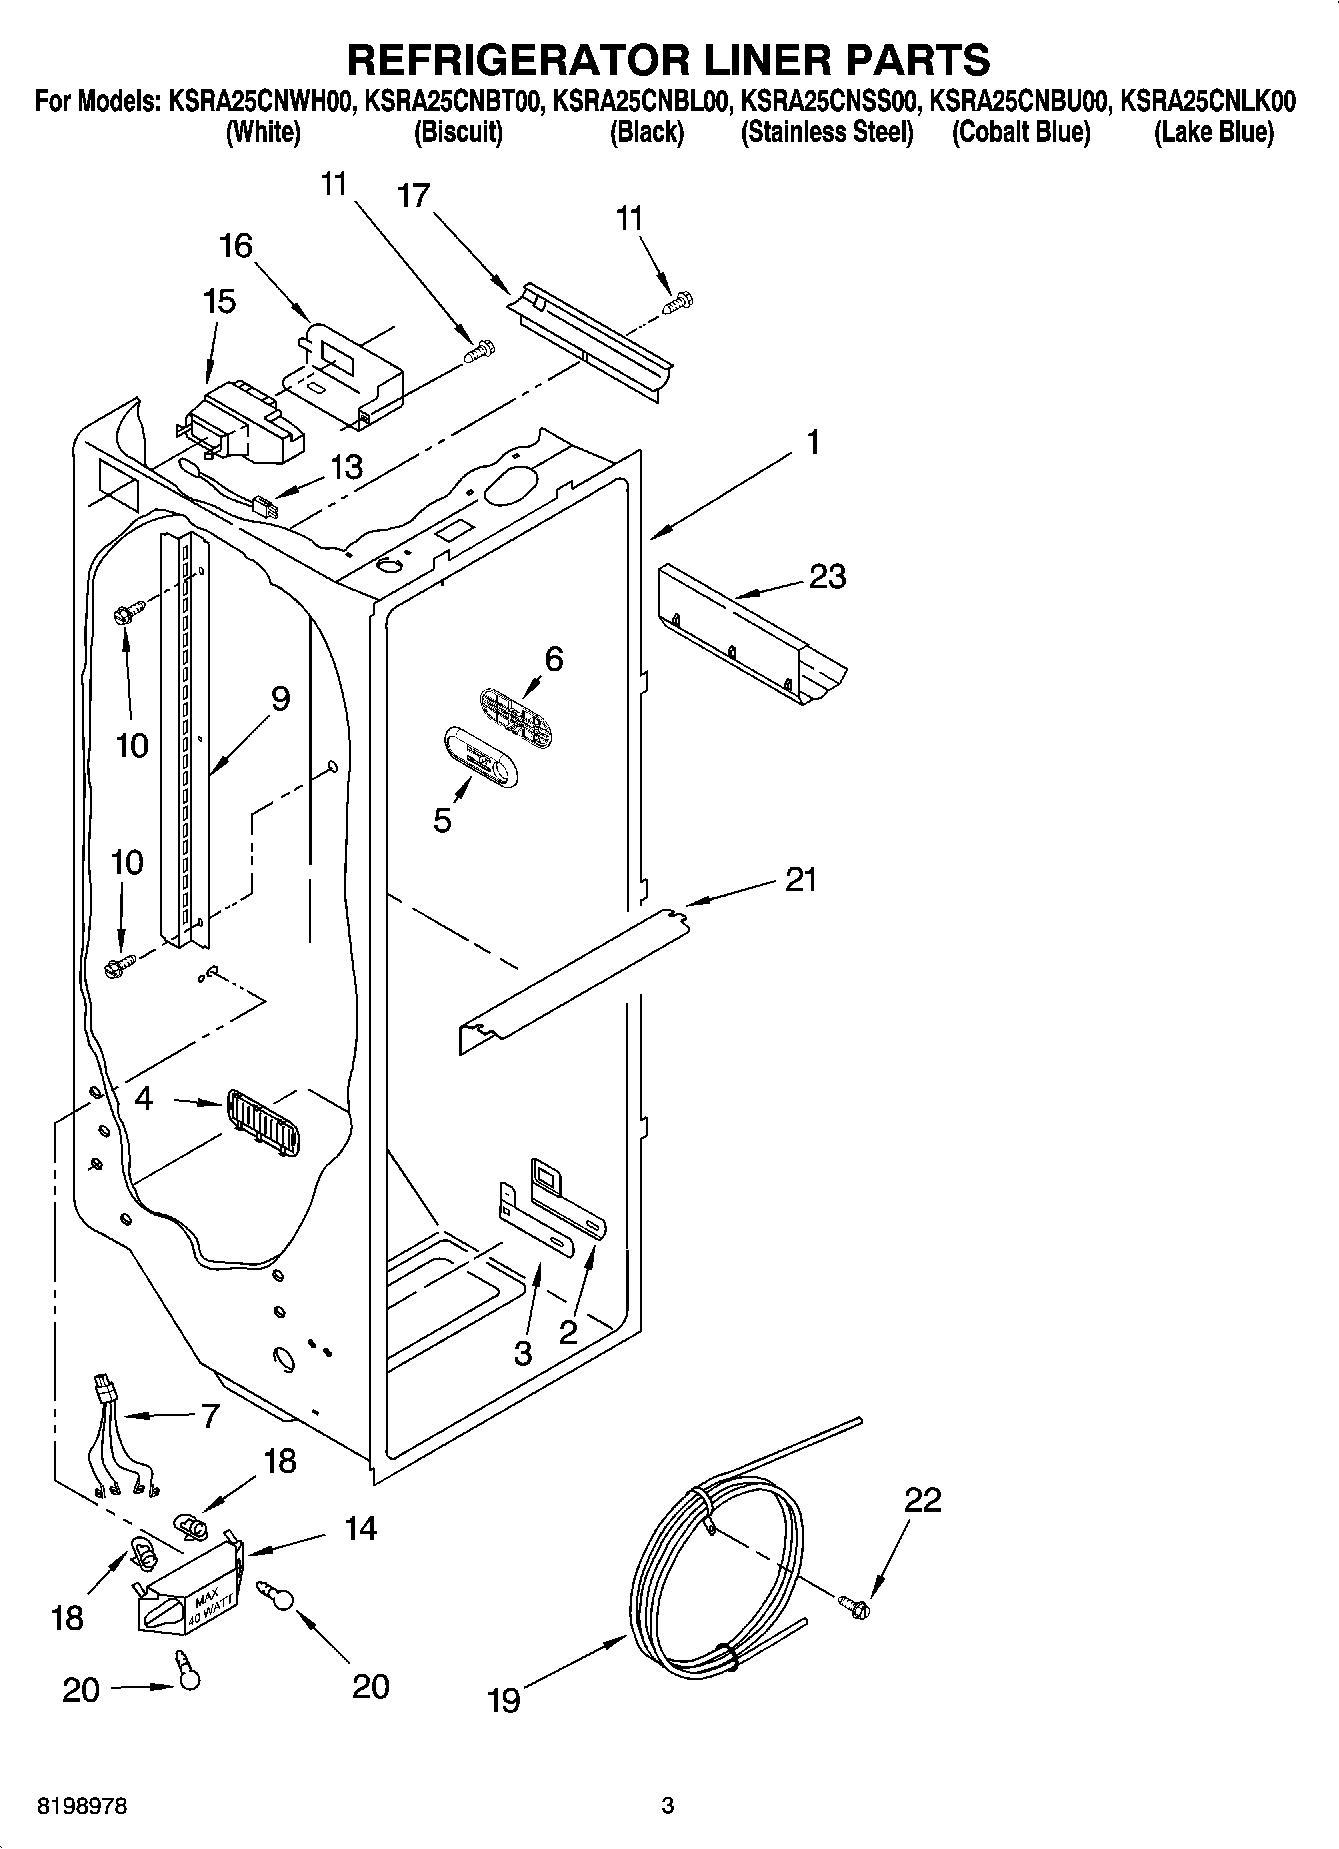 KSRA25CNBL00